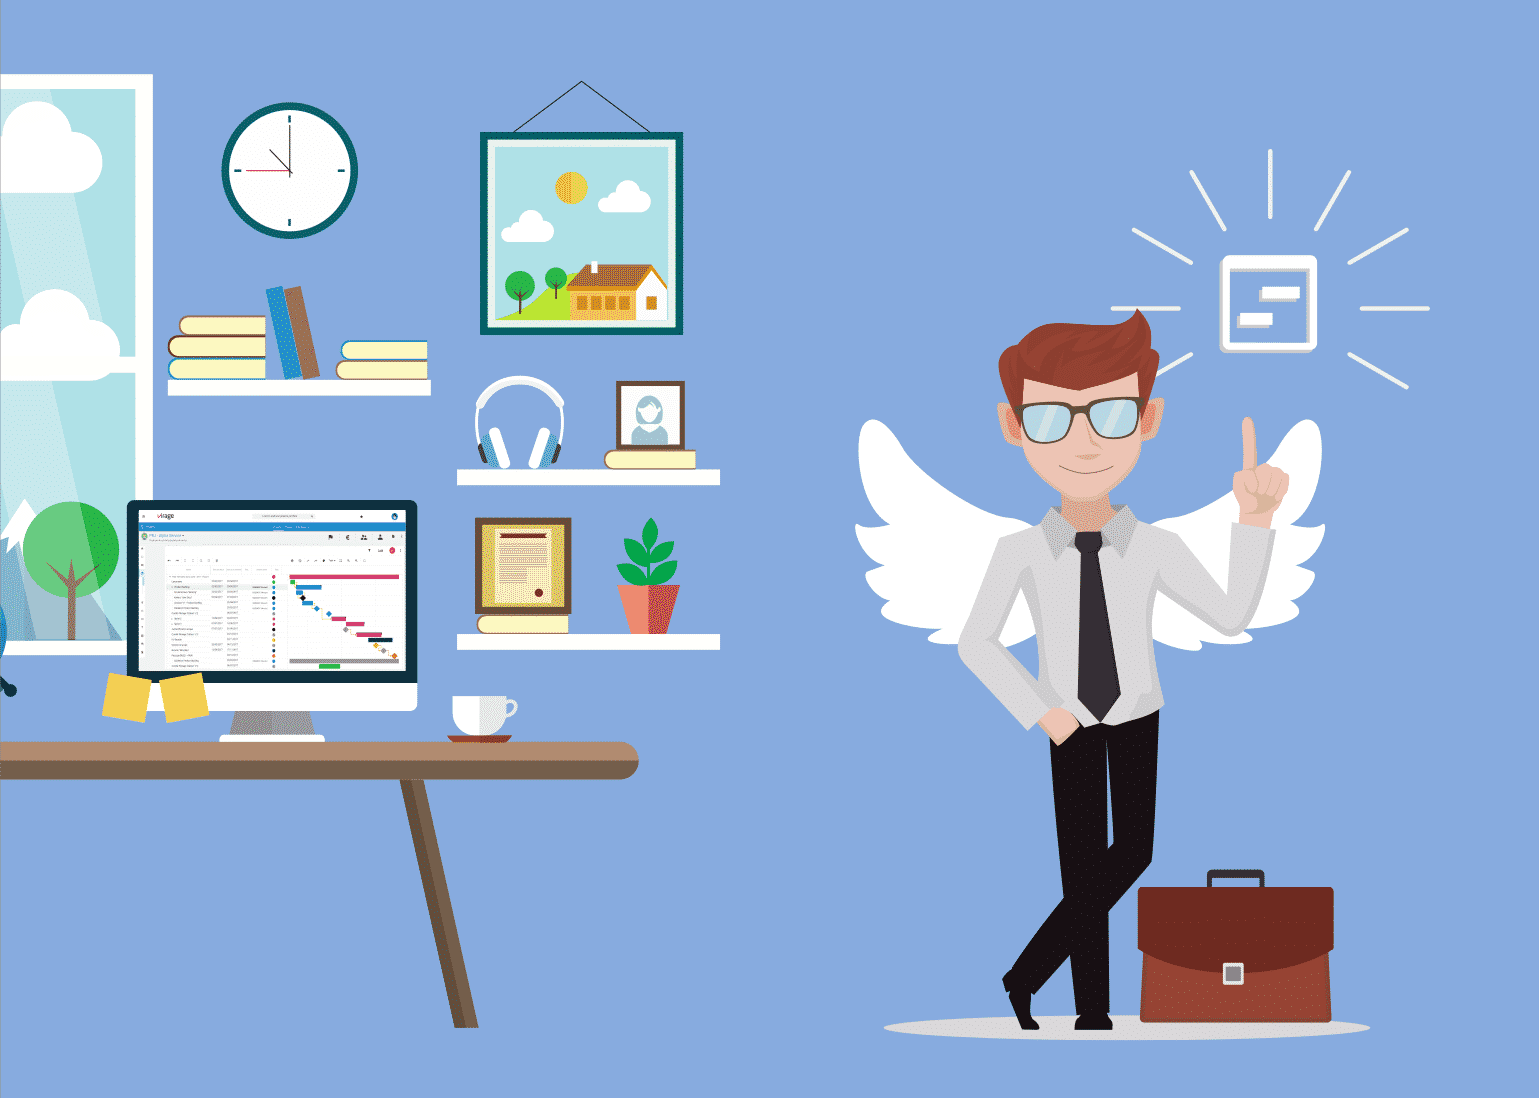 chef de projet - ANGE - idée - bureau - gestion de projet